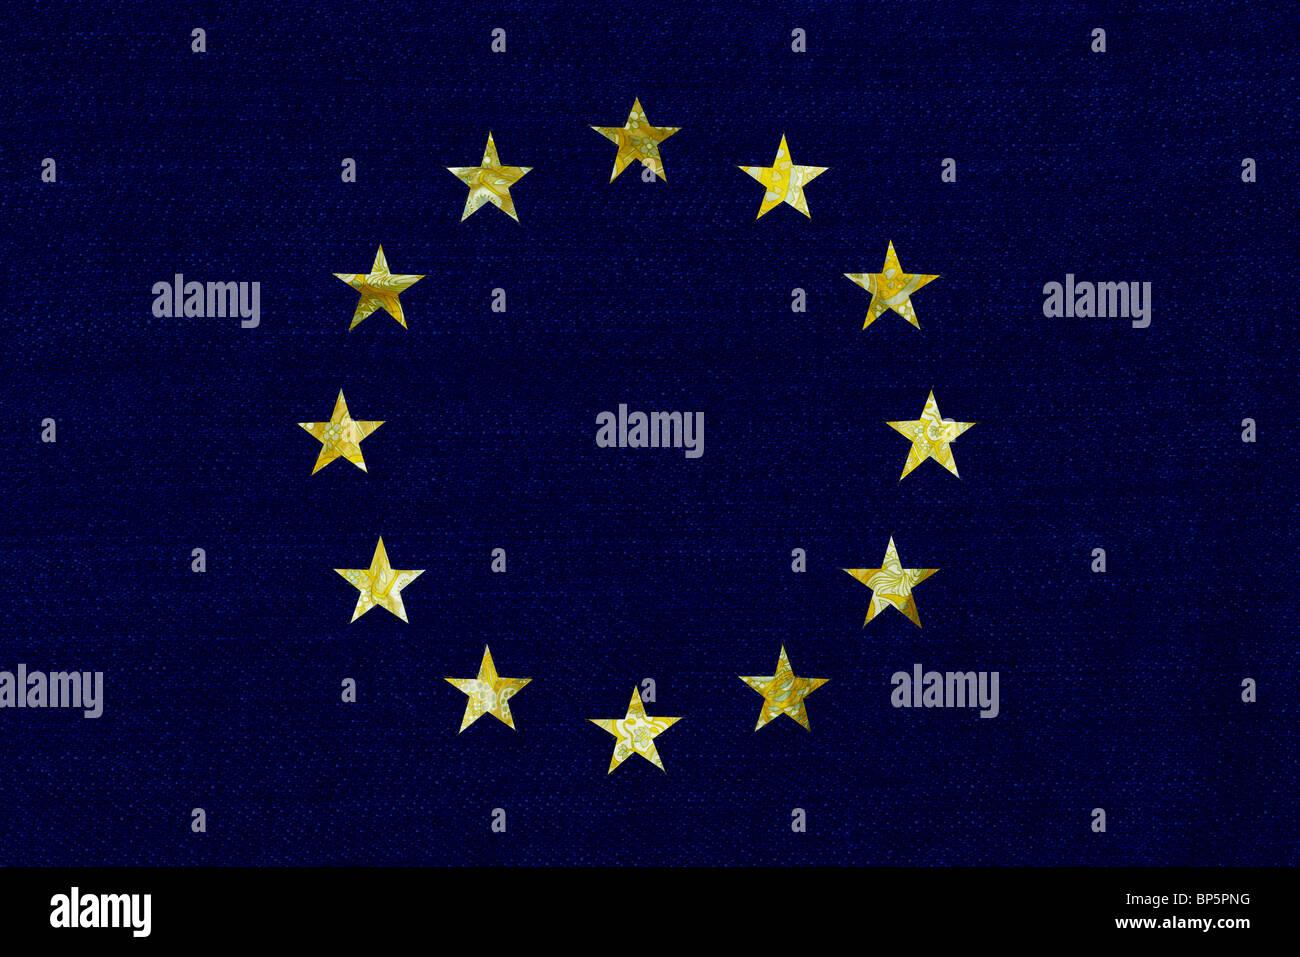 European Union logo - Stock Image